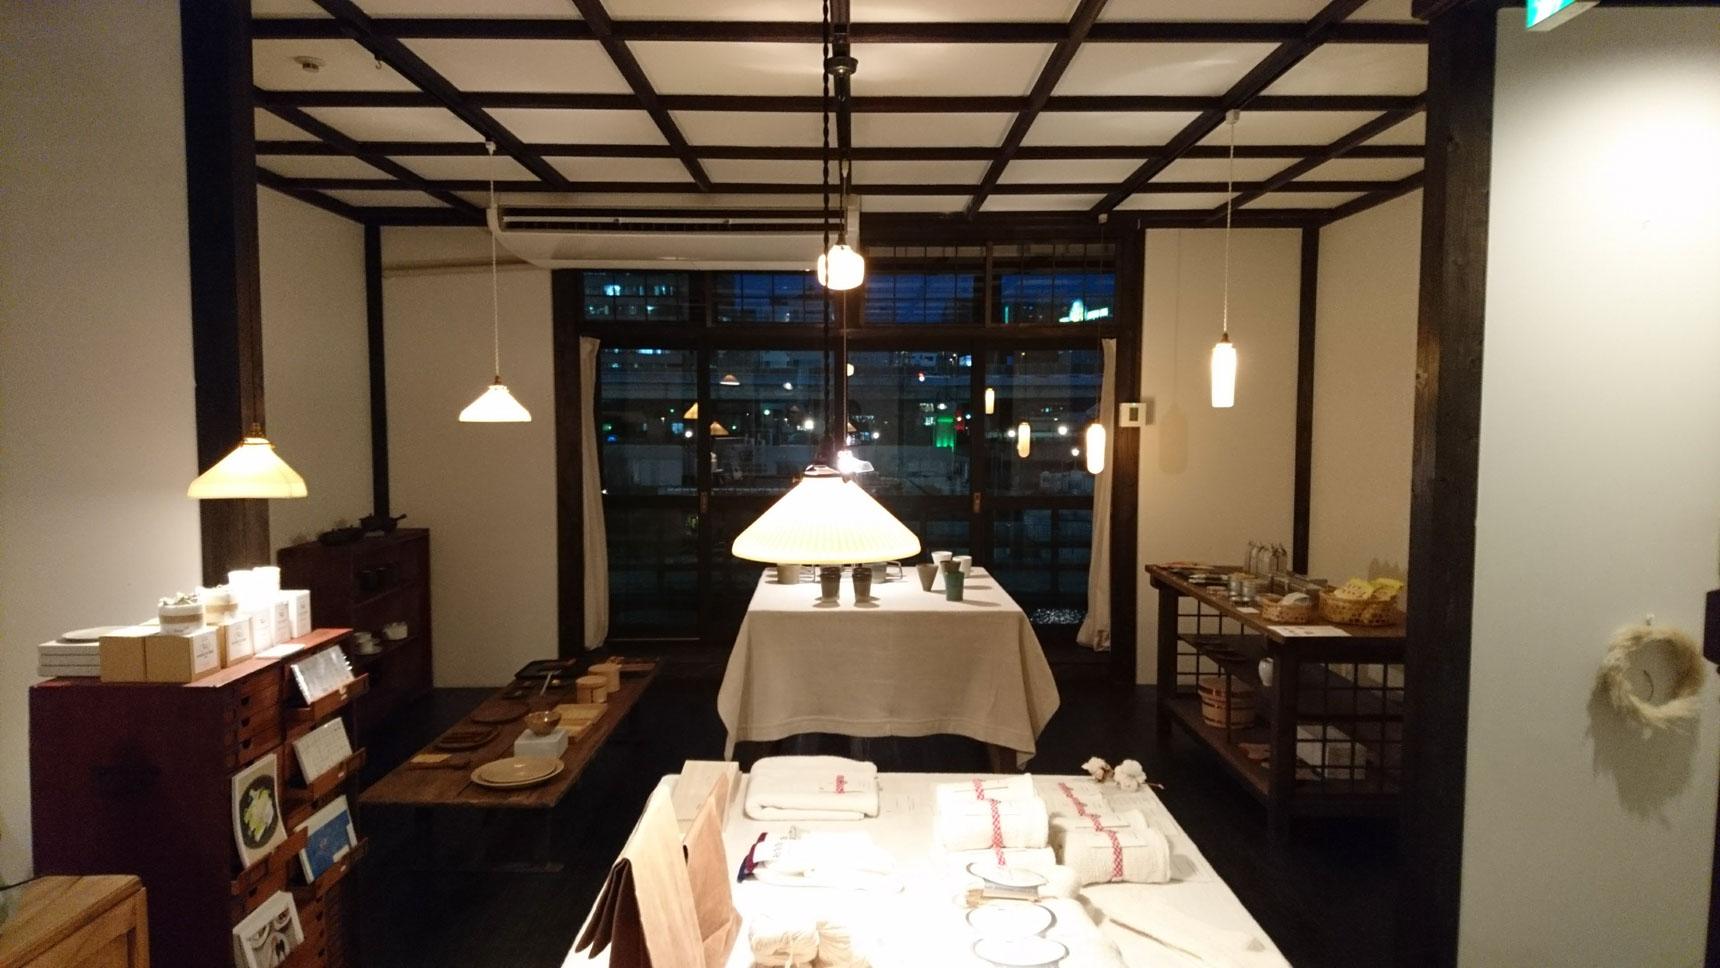 「窓に天井の模様が写って、この時間が、一番綺麗なんですよ」とスタッフの方。土佐堀川を望む、濃いブルーの窓の風景に、うっとり。